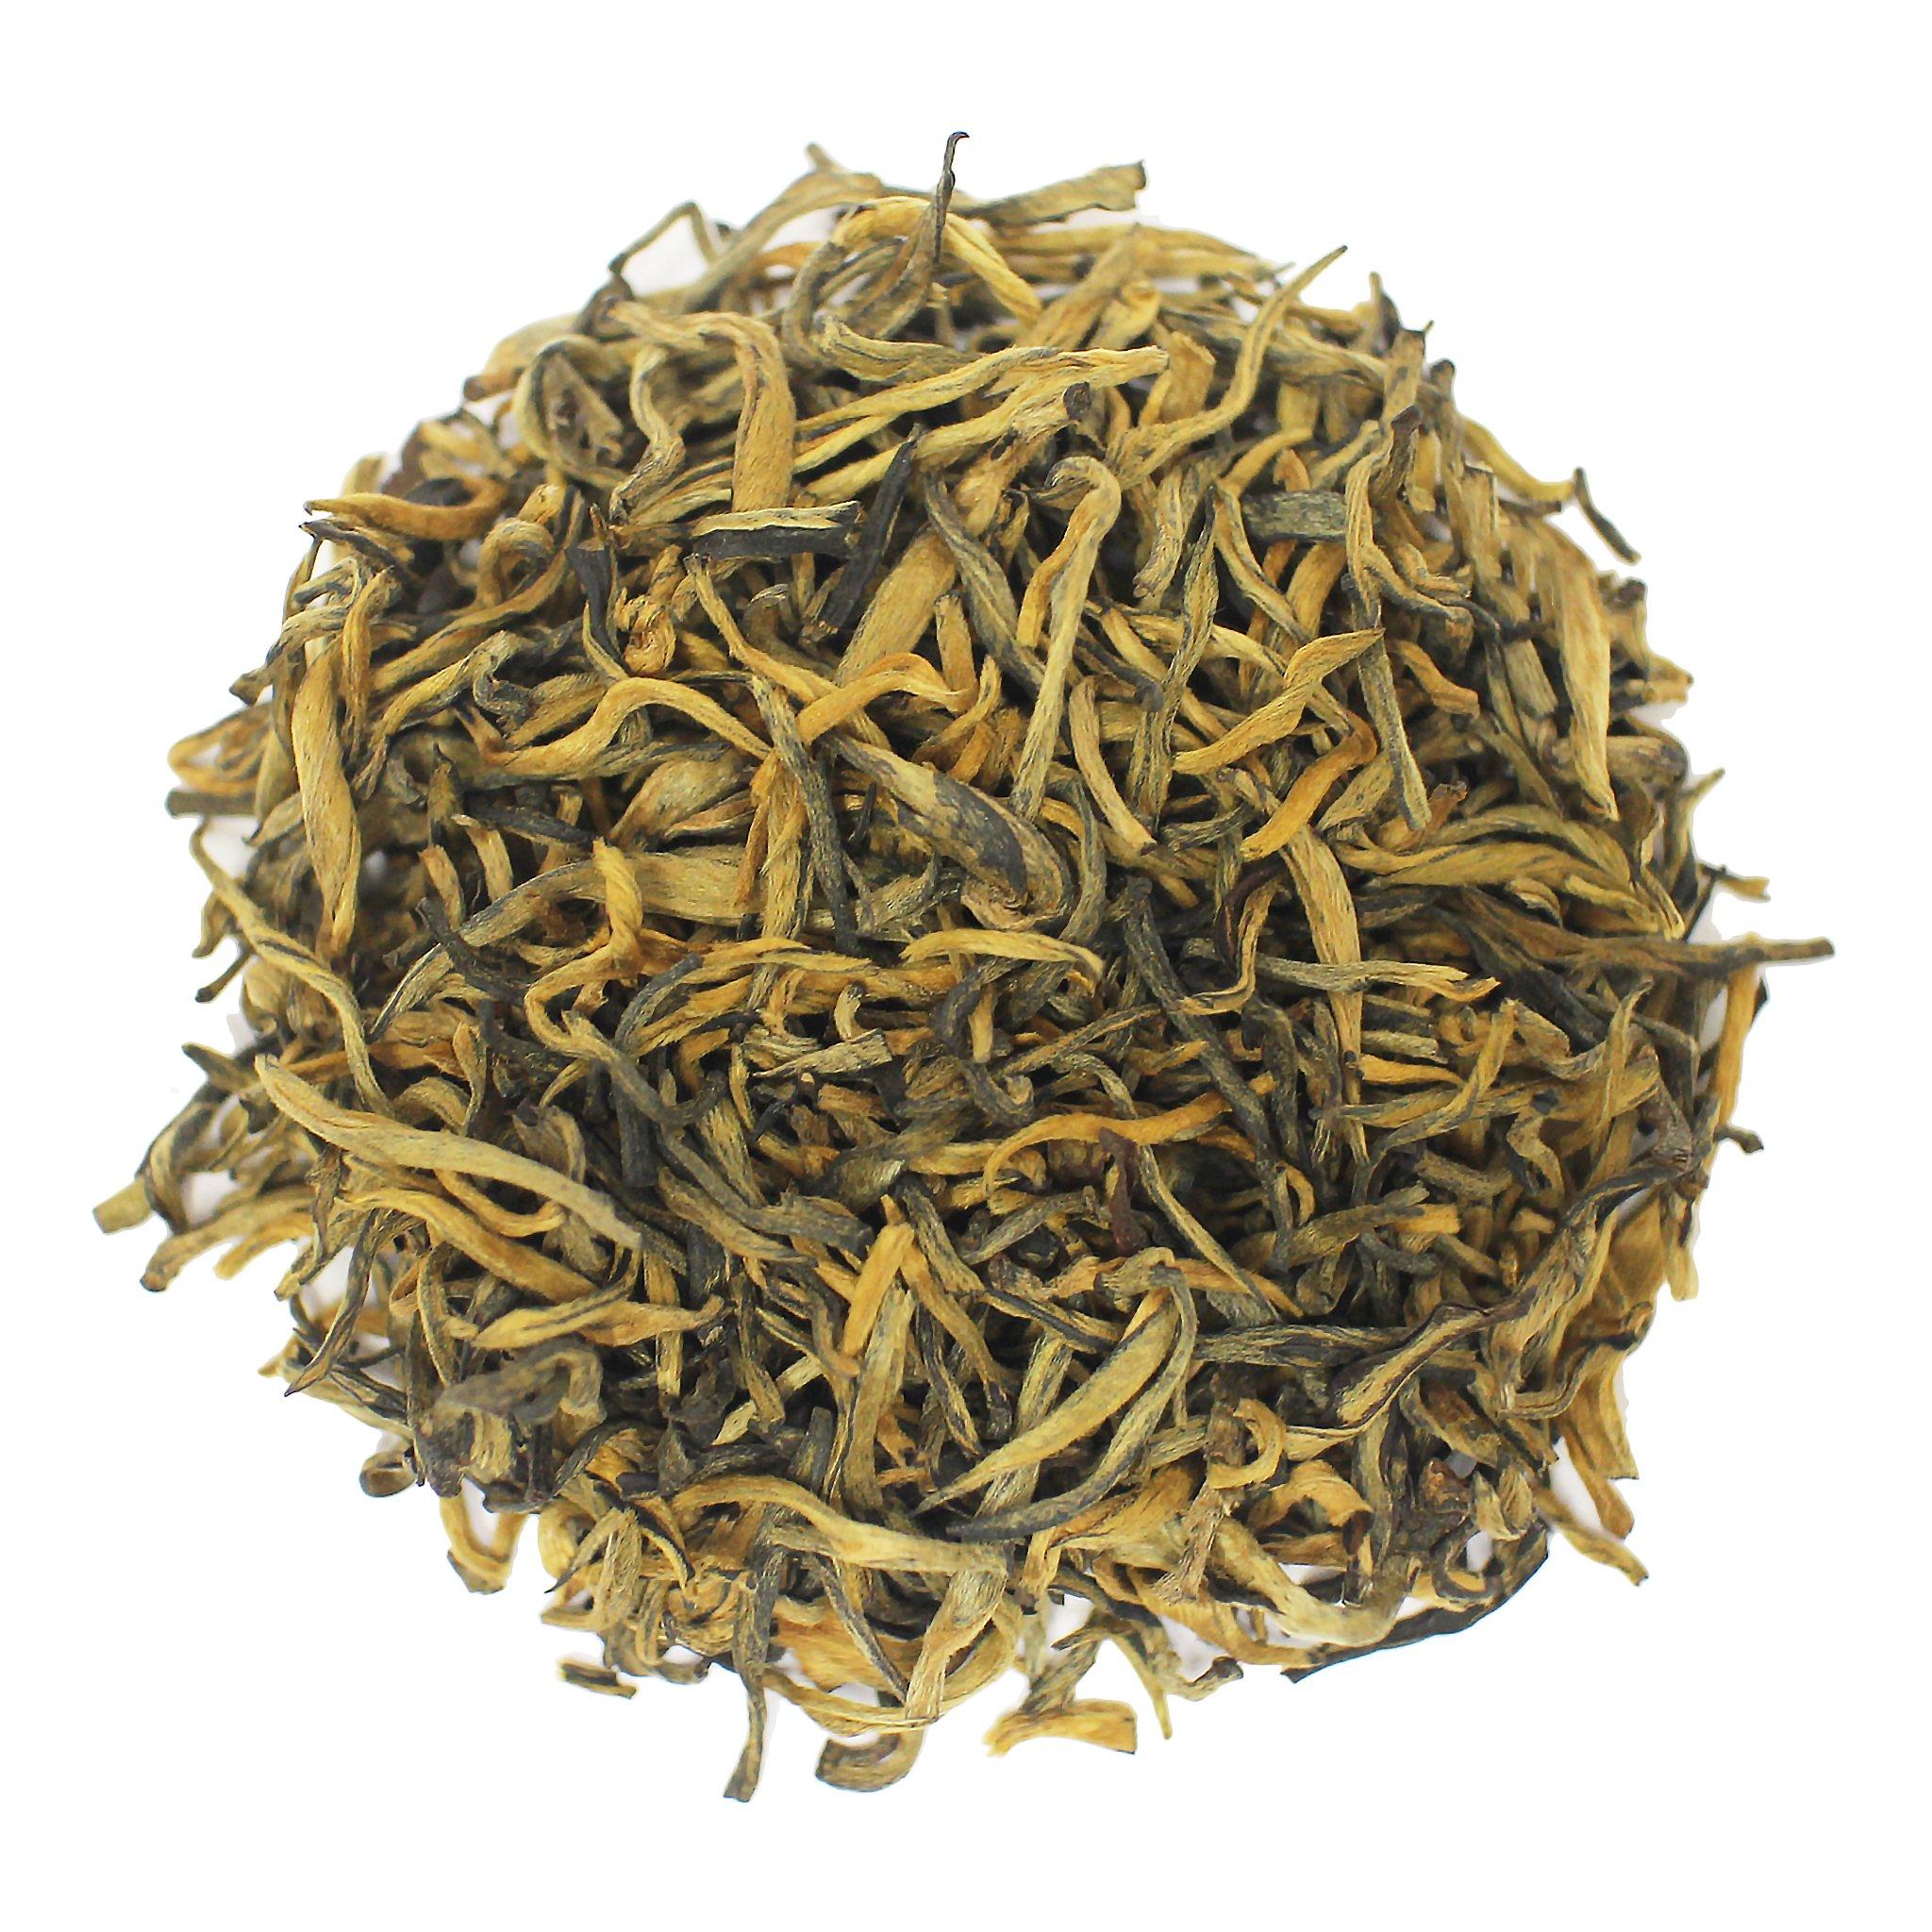 The Tea Farm - Yunan Gold Black Tea - Yunnan, Chinese Loose Leaf Black Tea (2 Ounce Bag)